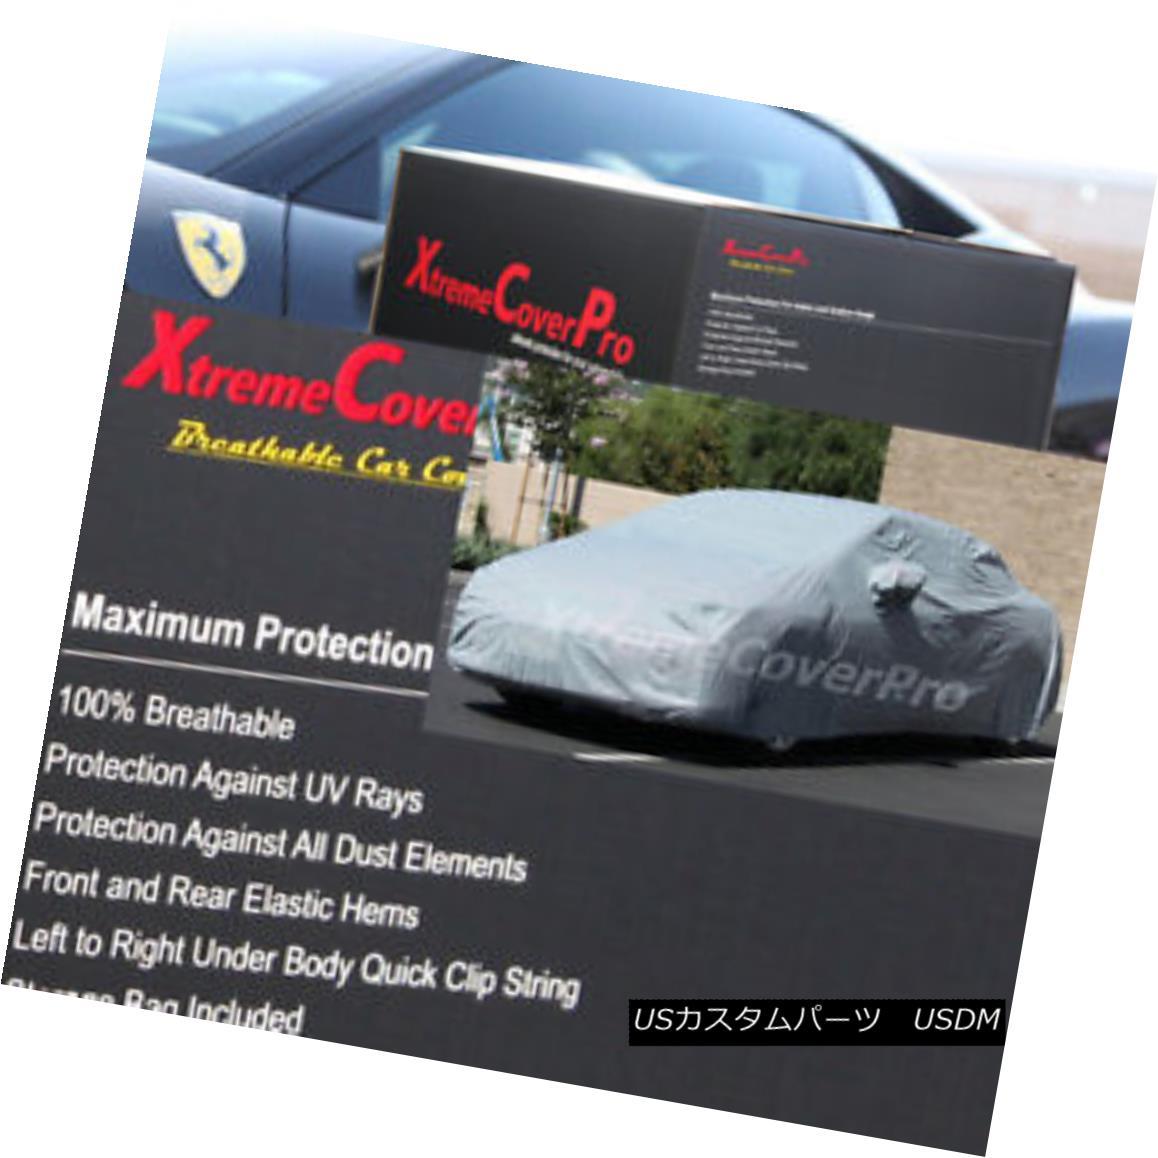 カーカバー 1997 1998 1999 Acura CL Breathable Car Cover w/MirrorPocket 1997年1998年1999年Acura CL通気性車カバー付きMirrorPocket